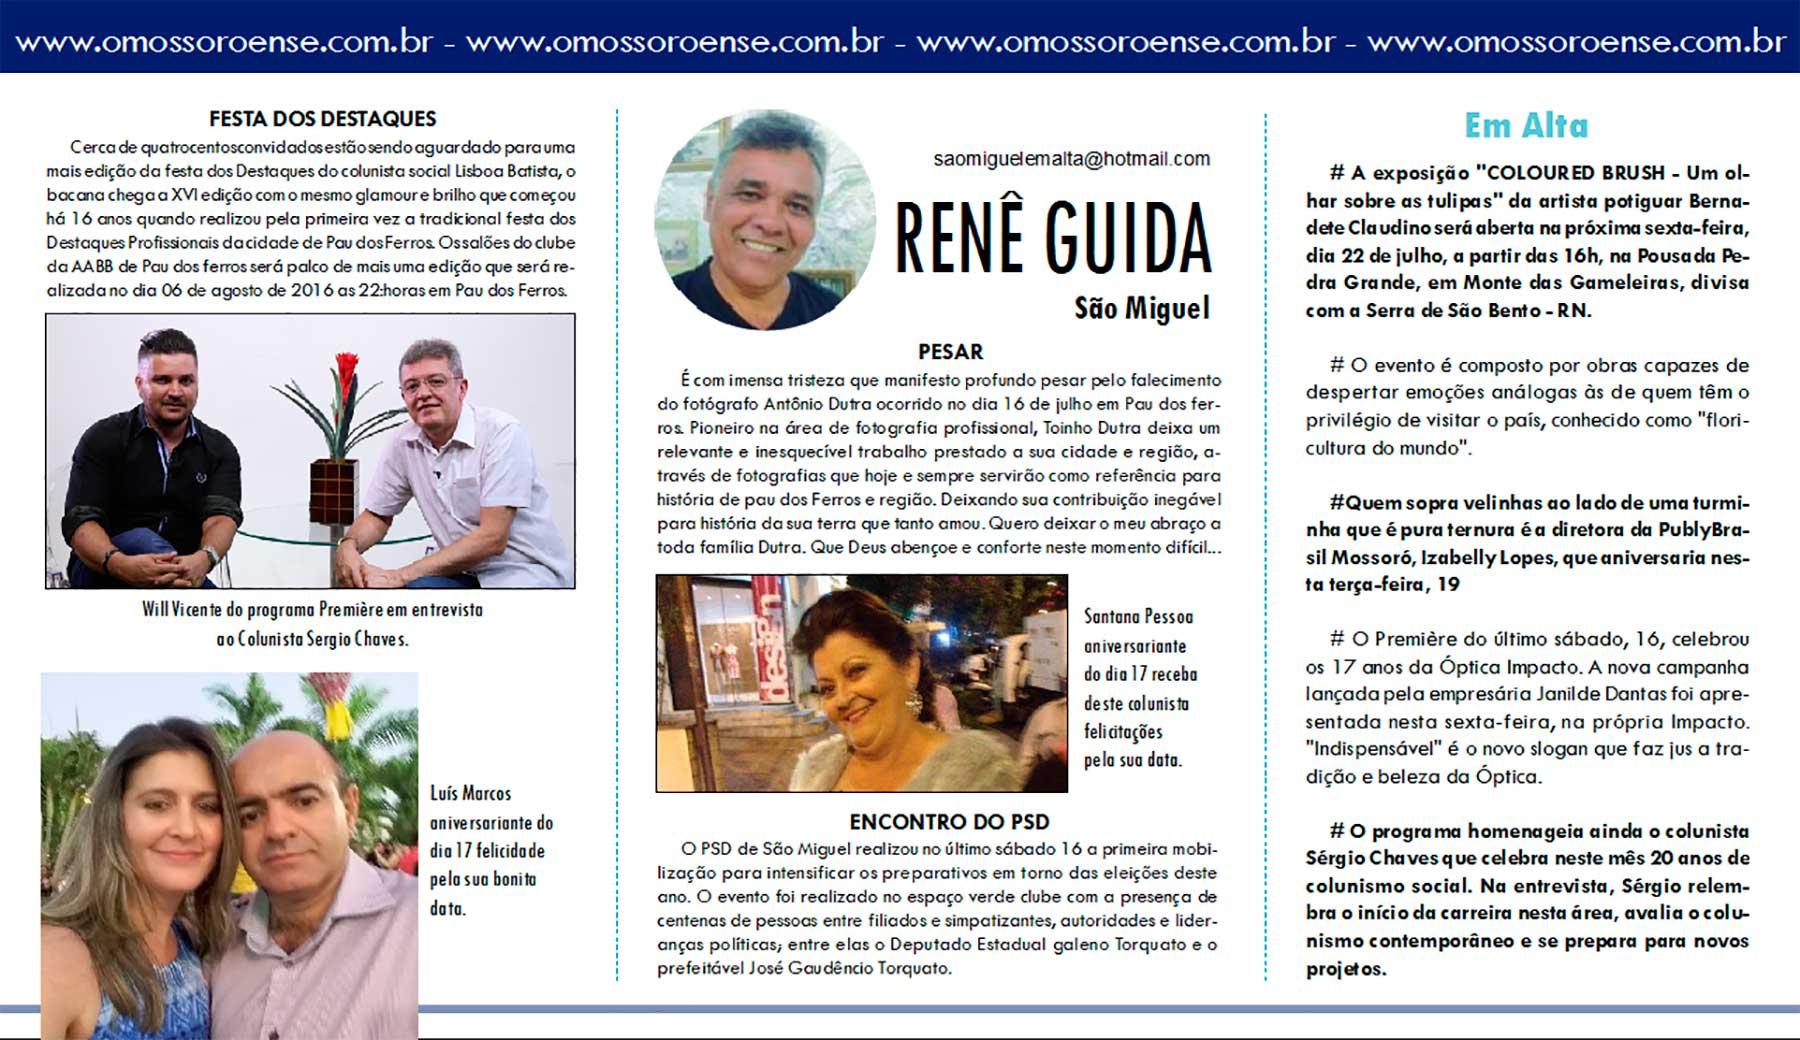 RENÊ-GUIDA-18-07